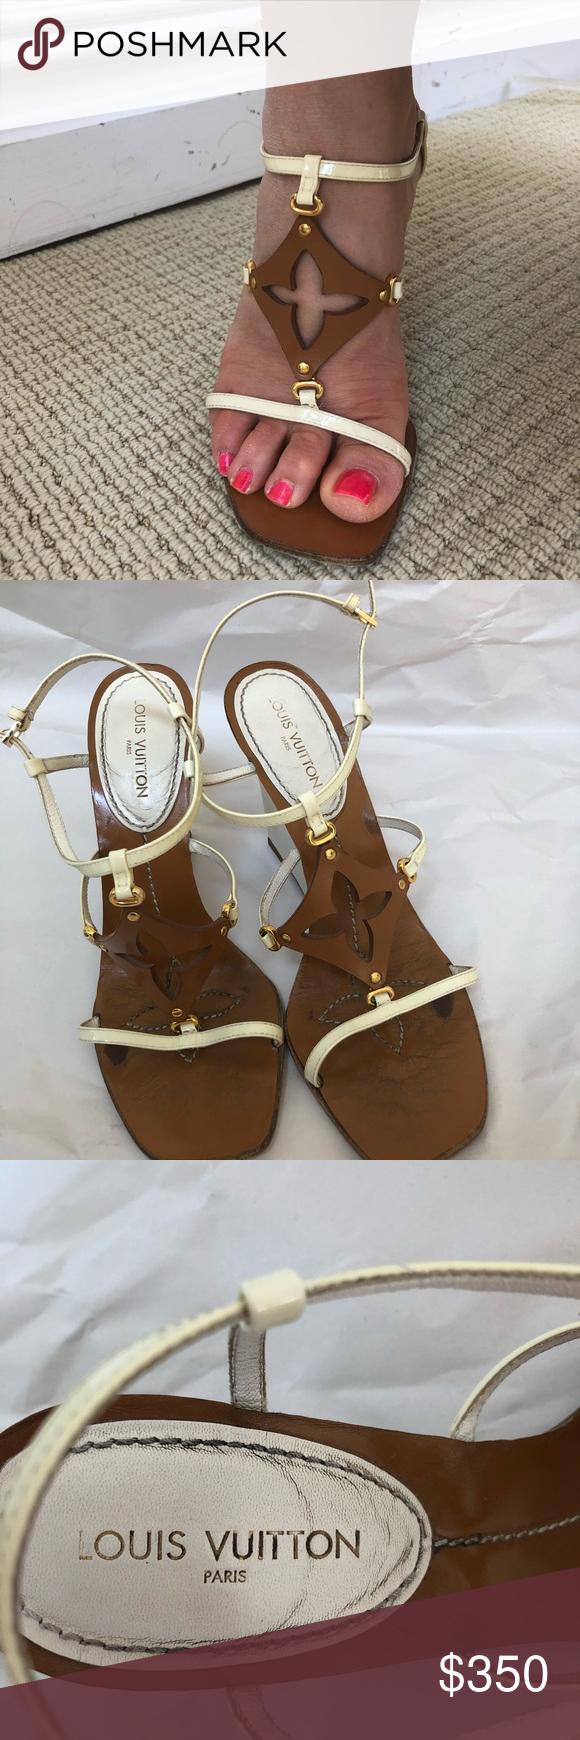 96ca7ce34368 🔴Authentic Louis Vuitton Monogram Sandals❤ 🔴❤ 🌺 Authentic Louis Vuitton  Monogram CAPRICIEUSE wedge Sandals Size 39 preloved.